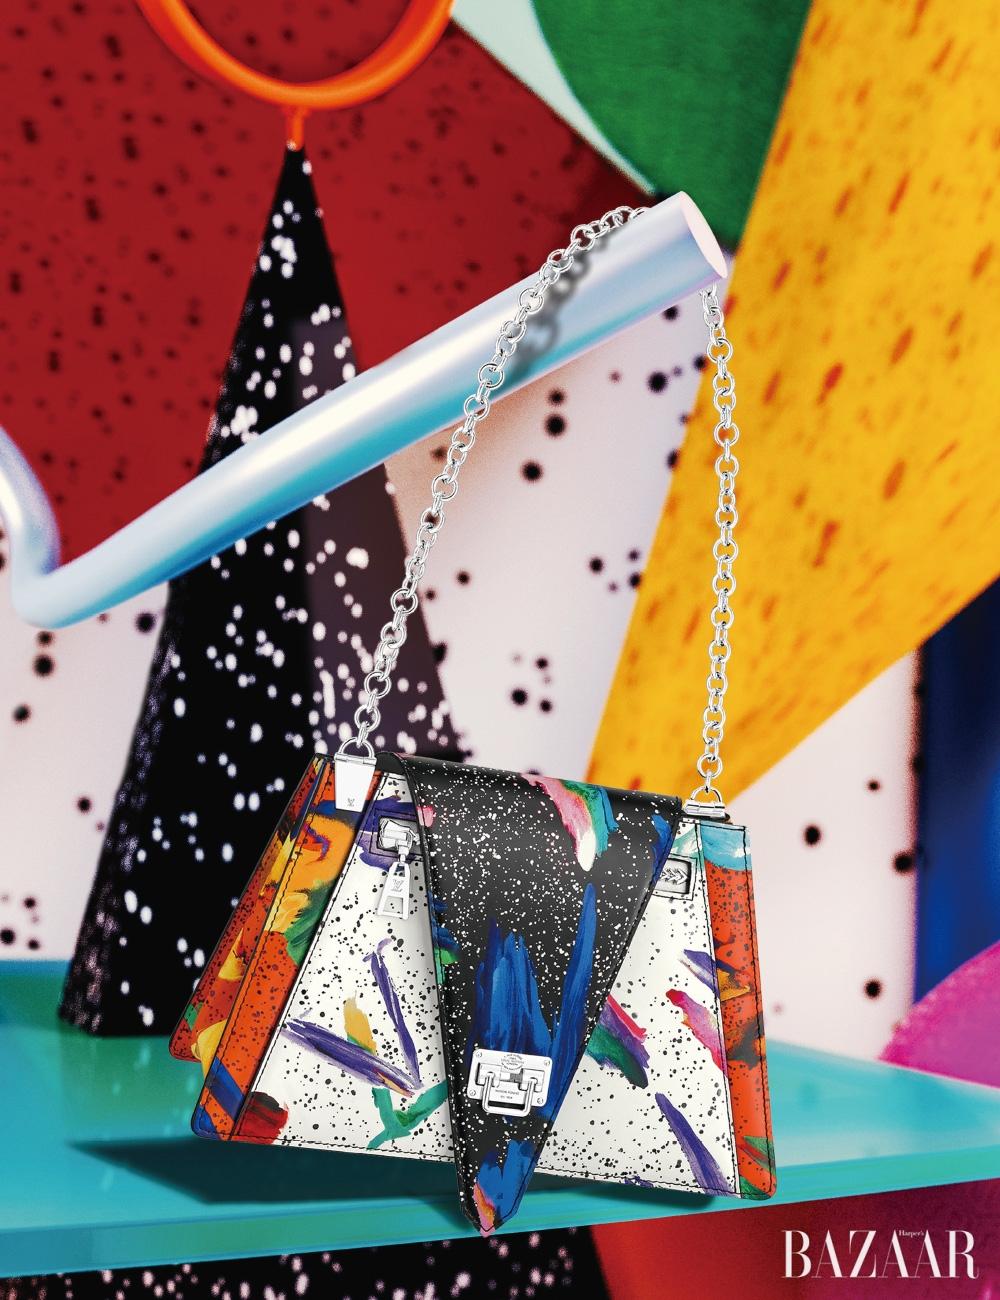 스플래시 프린트의 체인 백은 4백25만원 Louis Vuitton